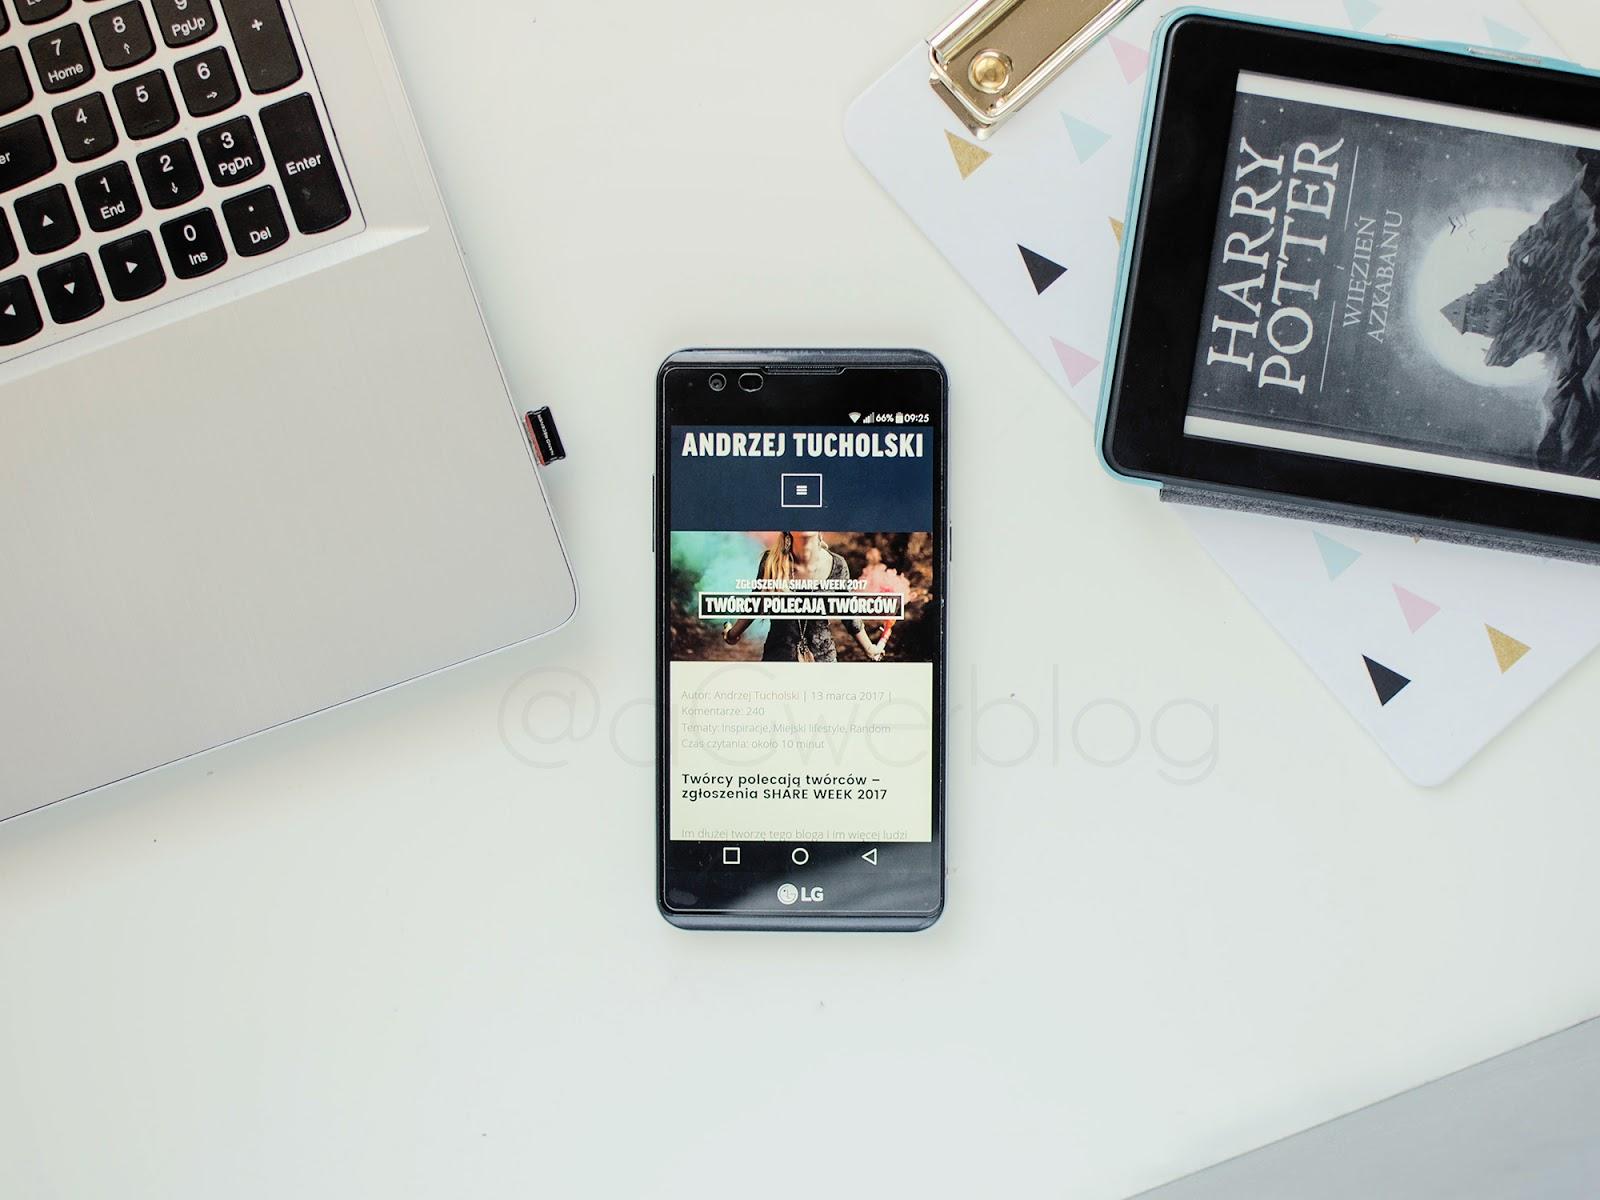 Share Week | 3 blogi godne polecenia